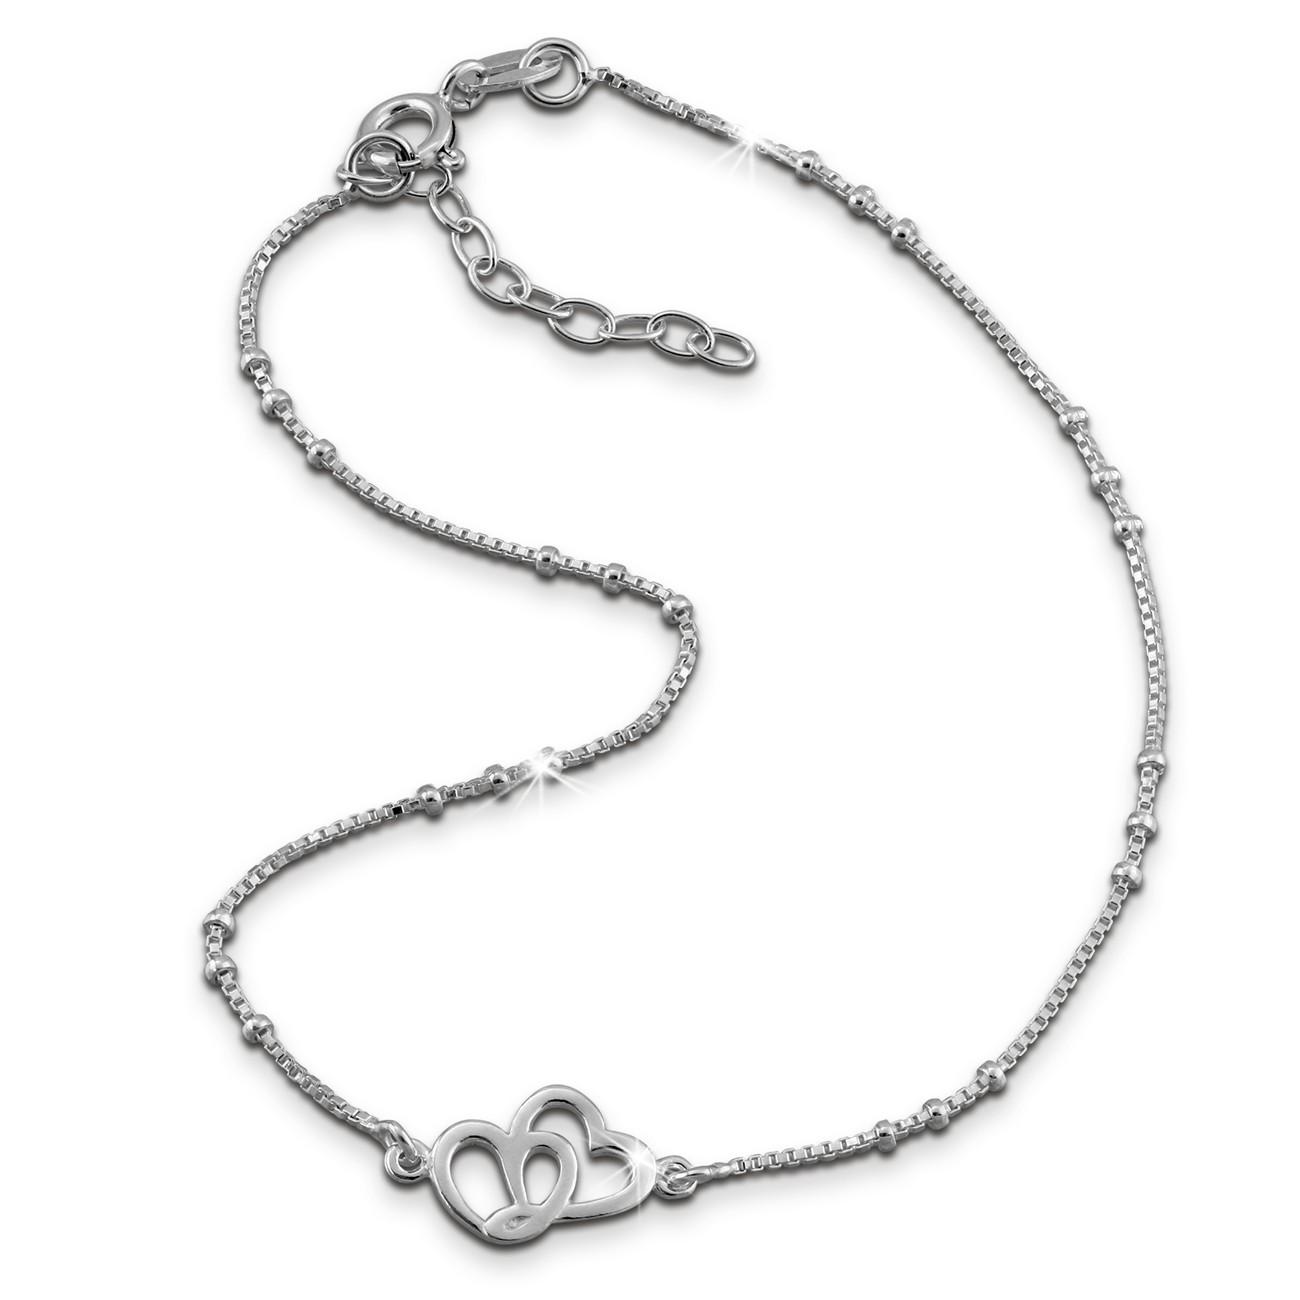 SilberDream Fußkette Zwei Herzen 23cm - 26cm Damenschmuck 925er Silber SDF0353J